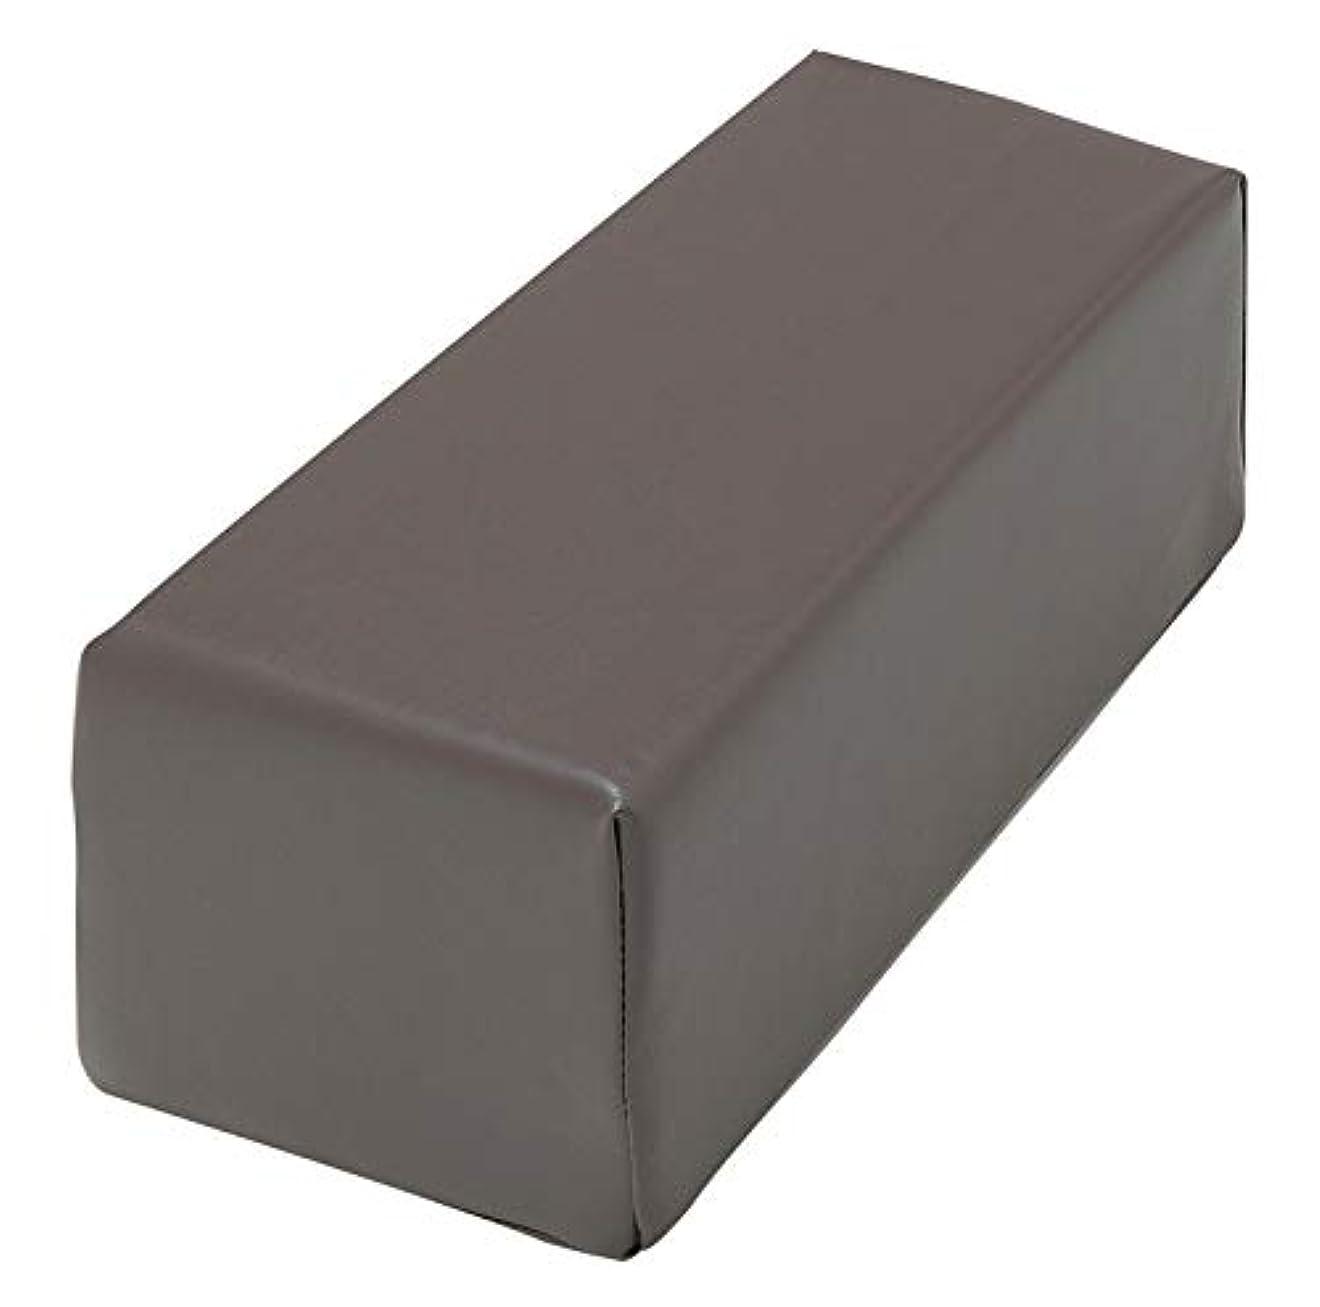 週末オリエント電極角枕 FV-908 (ブラウン) フェイスまくら フェイス枕 うつぶせ枕 マッサージ枕